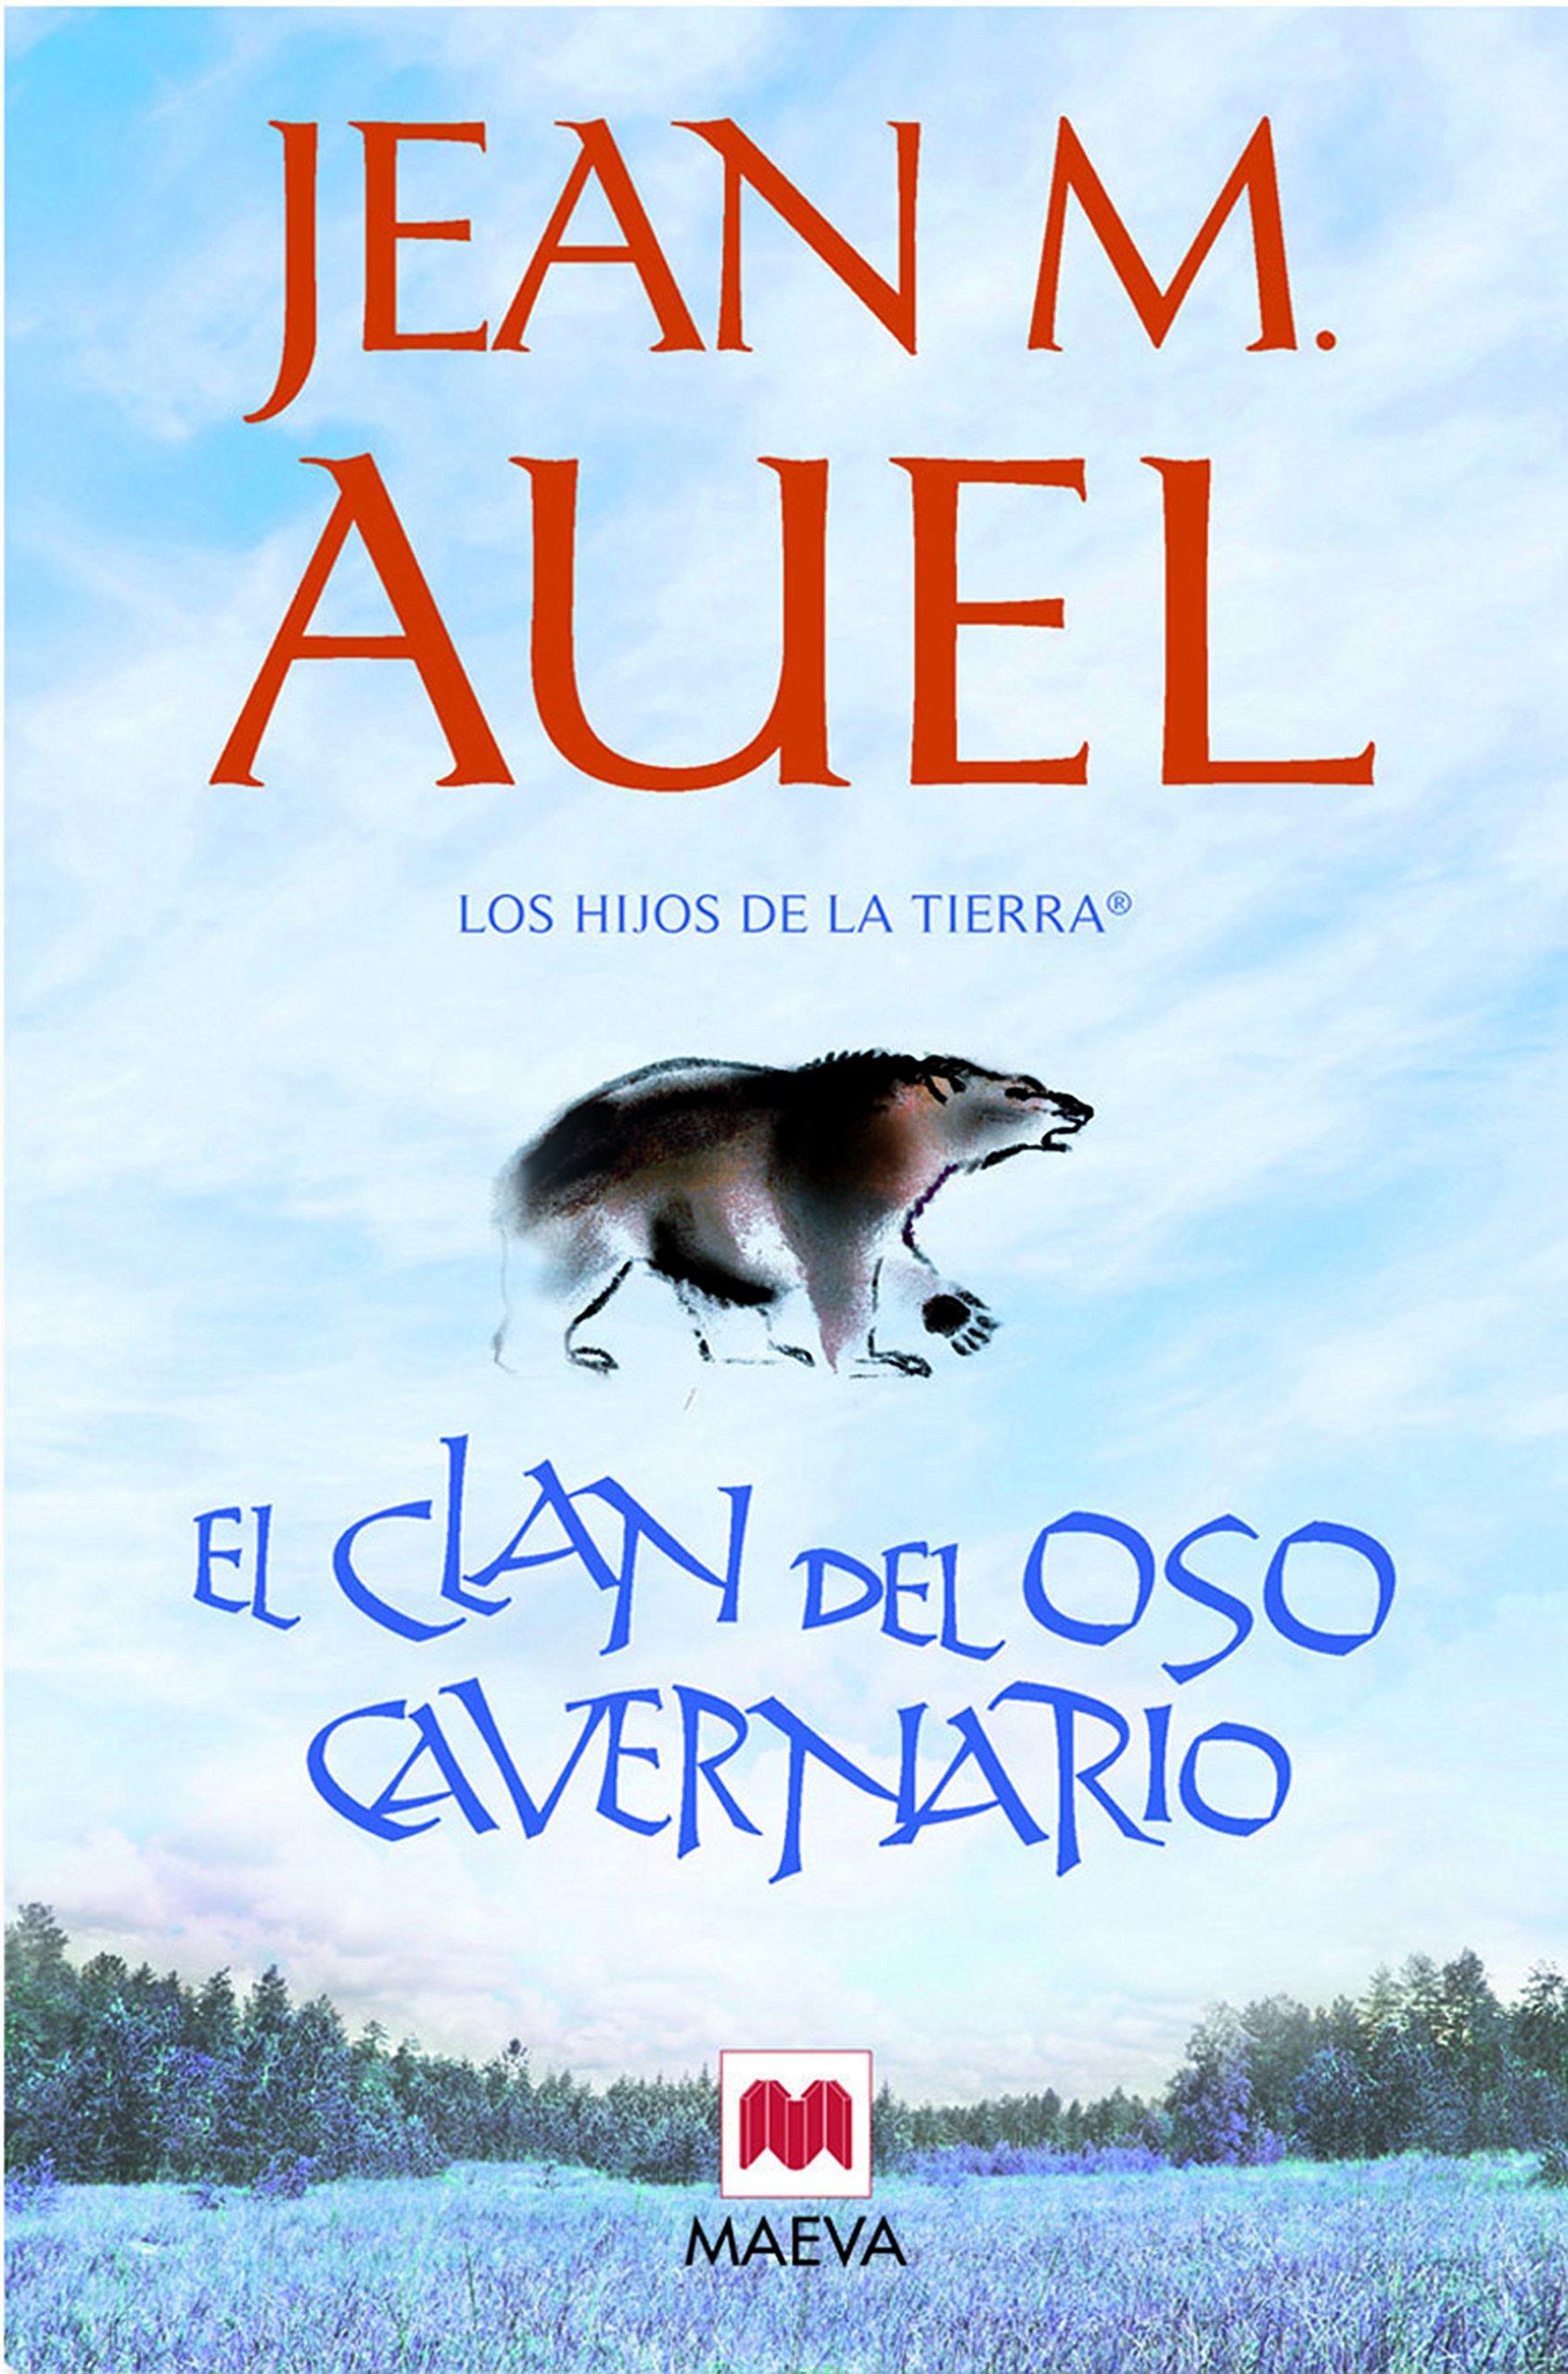 El clan del oso cavernario: LOS HIJOS DE LA TIERRA® 1: Amazon.es: Jean  Marie Auel, Leonor Tejada Conde-Pelayo: Libros